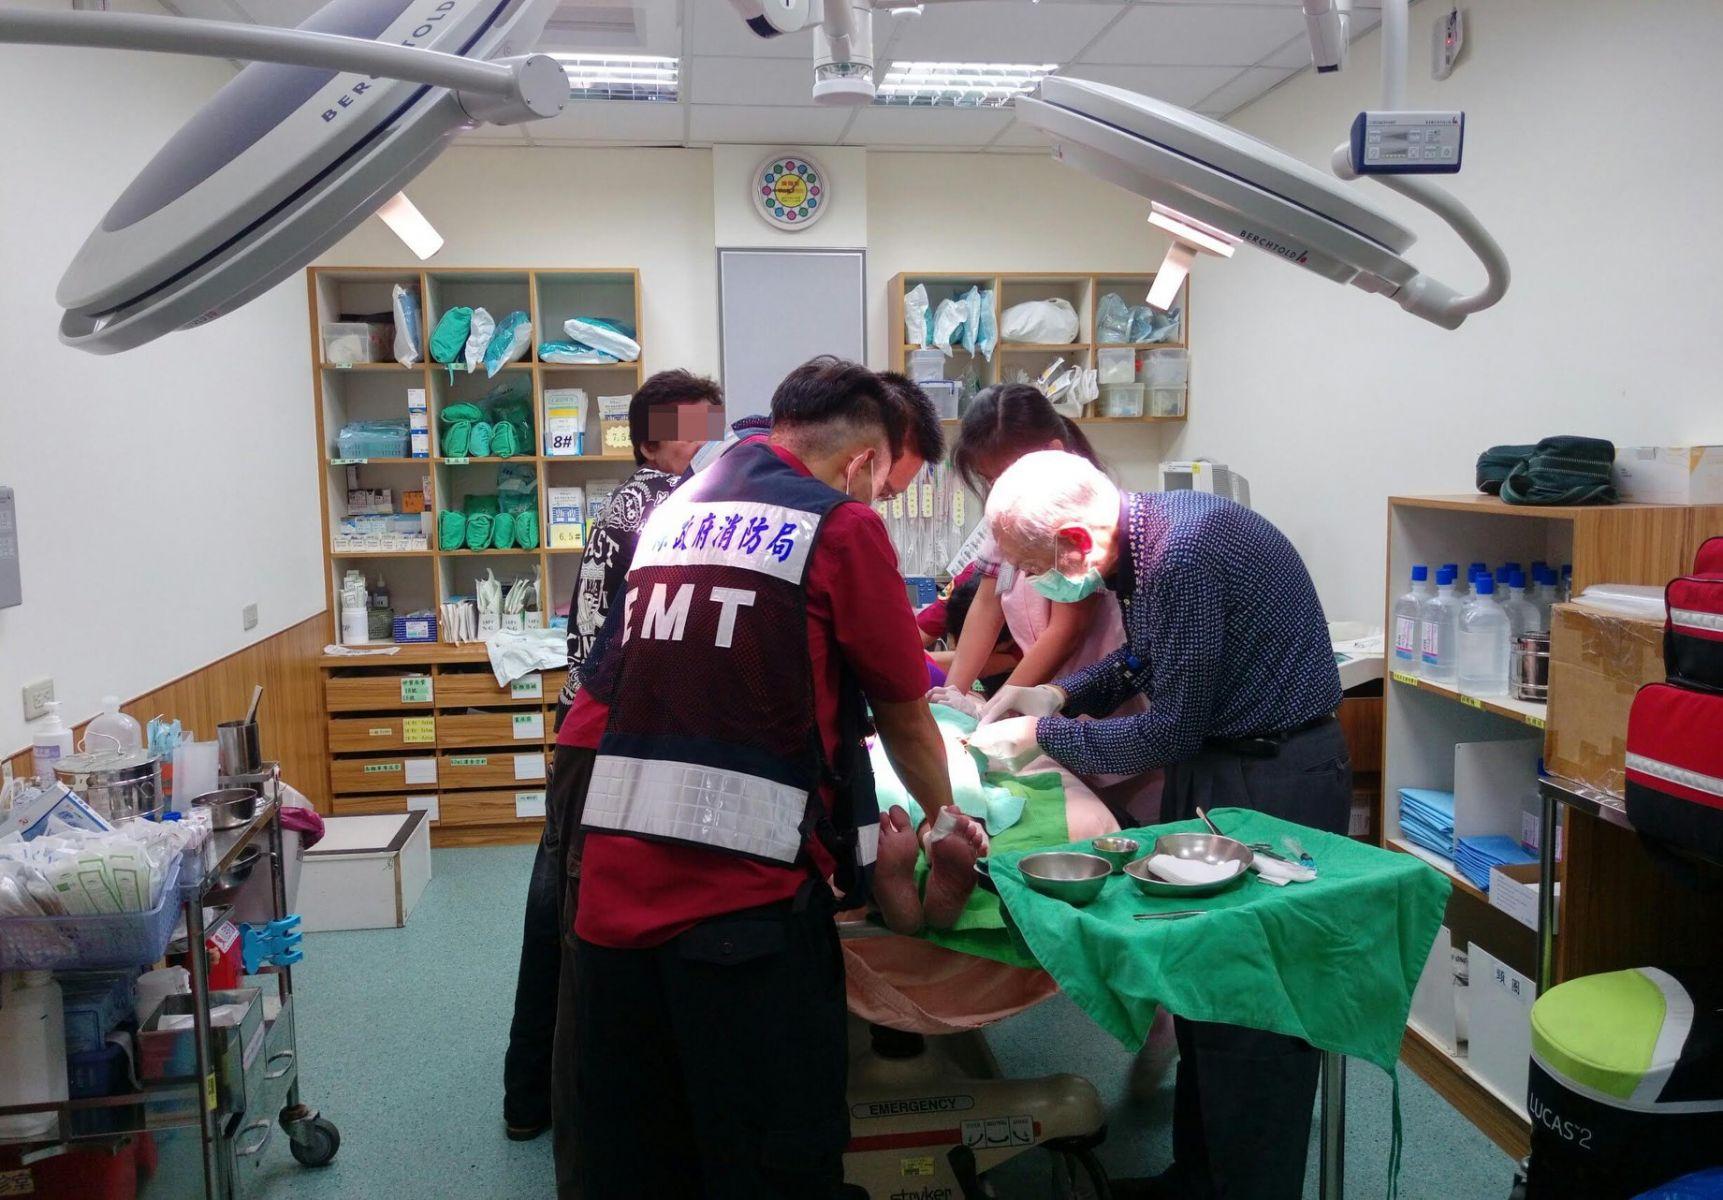 「年輕人你在哪裡?」 81歲白髮醫生駐守台灣尾